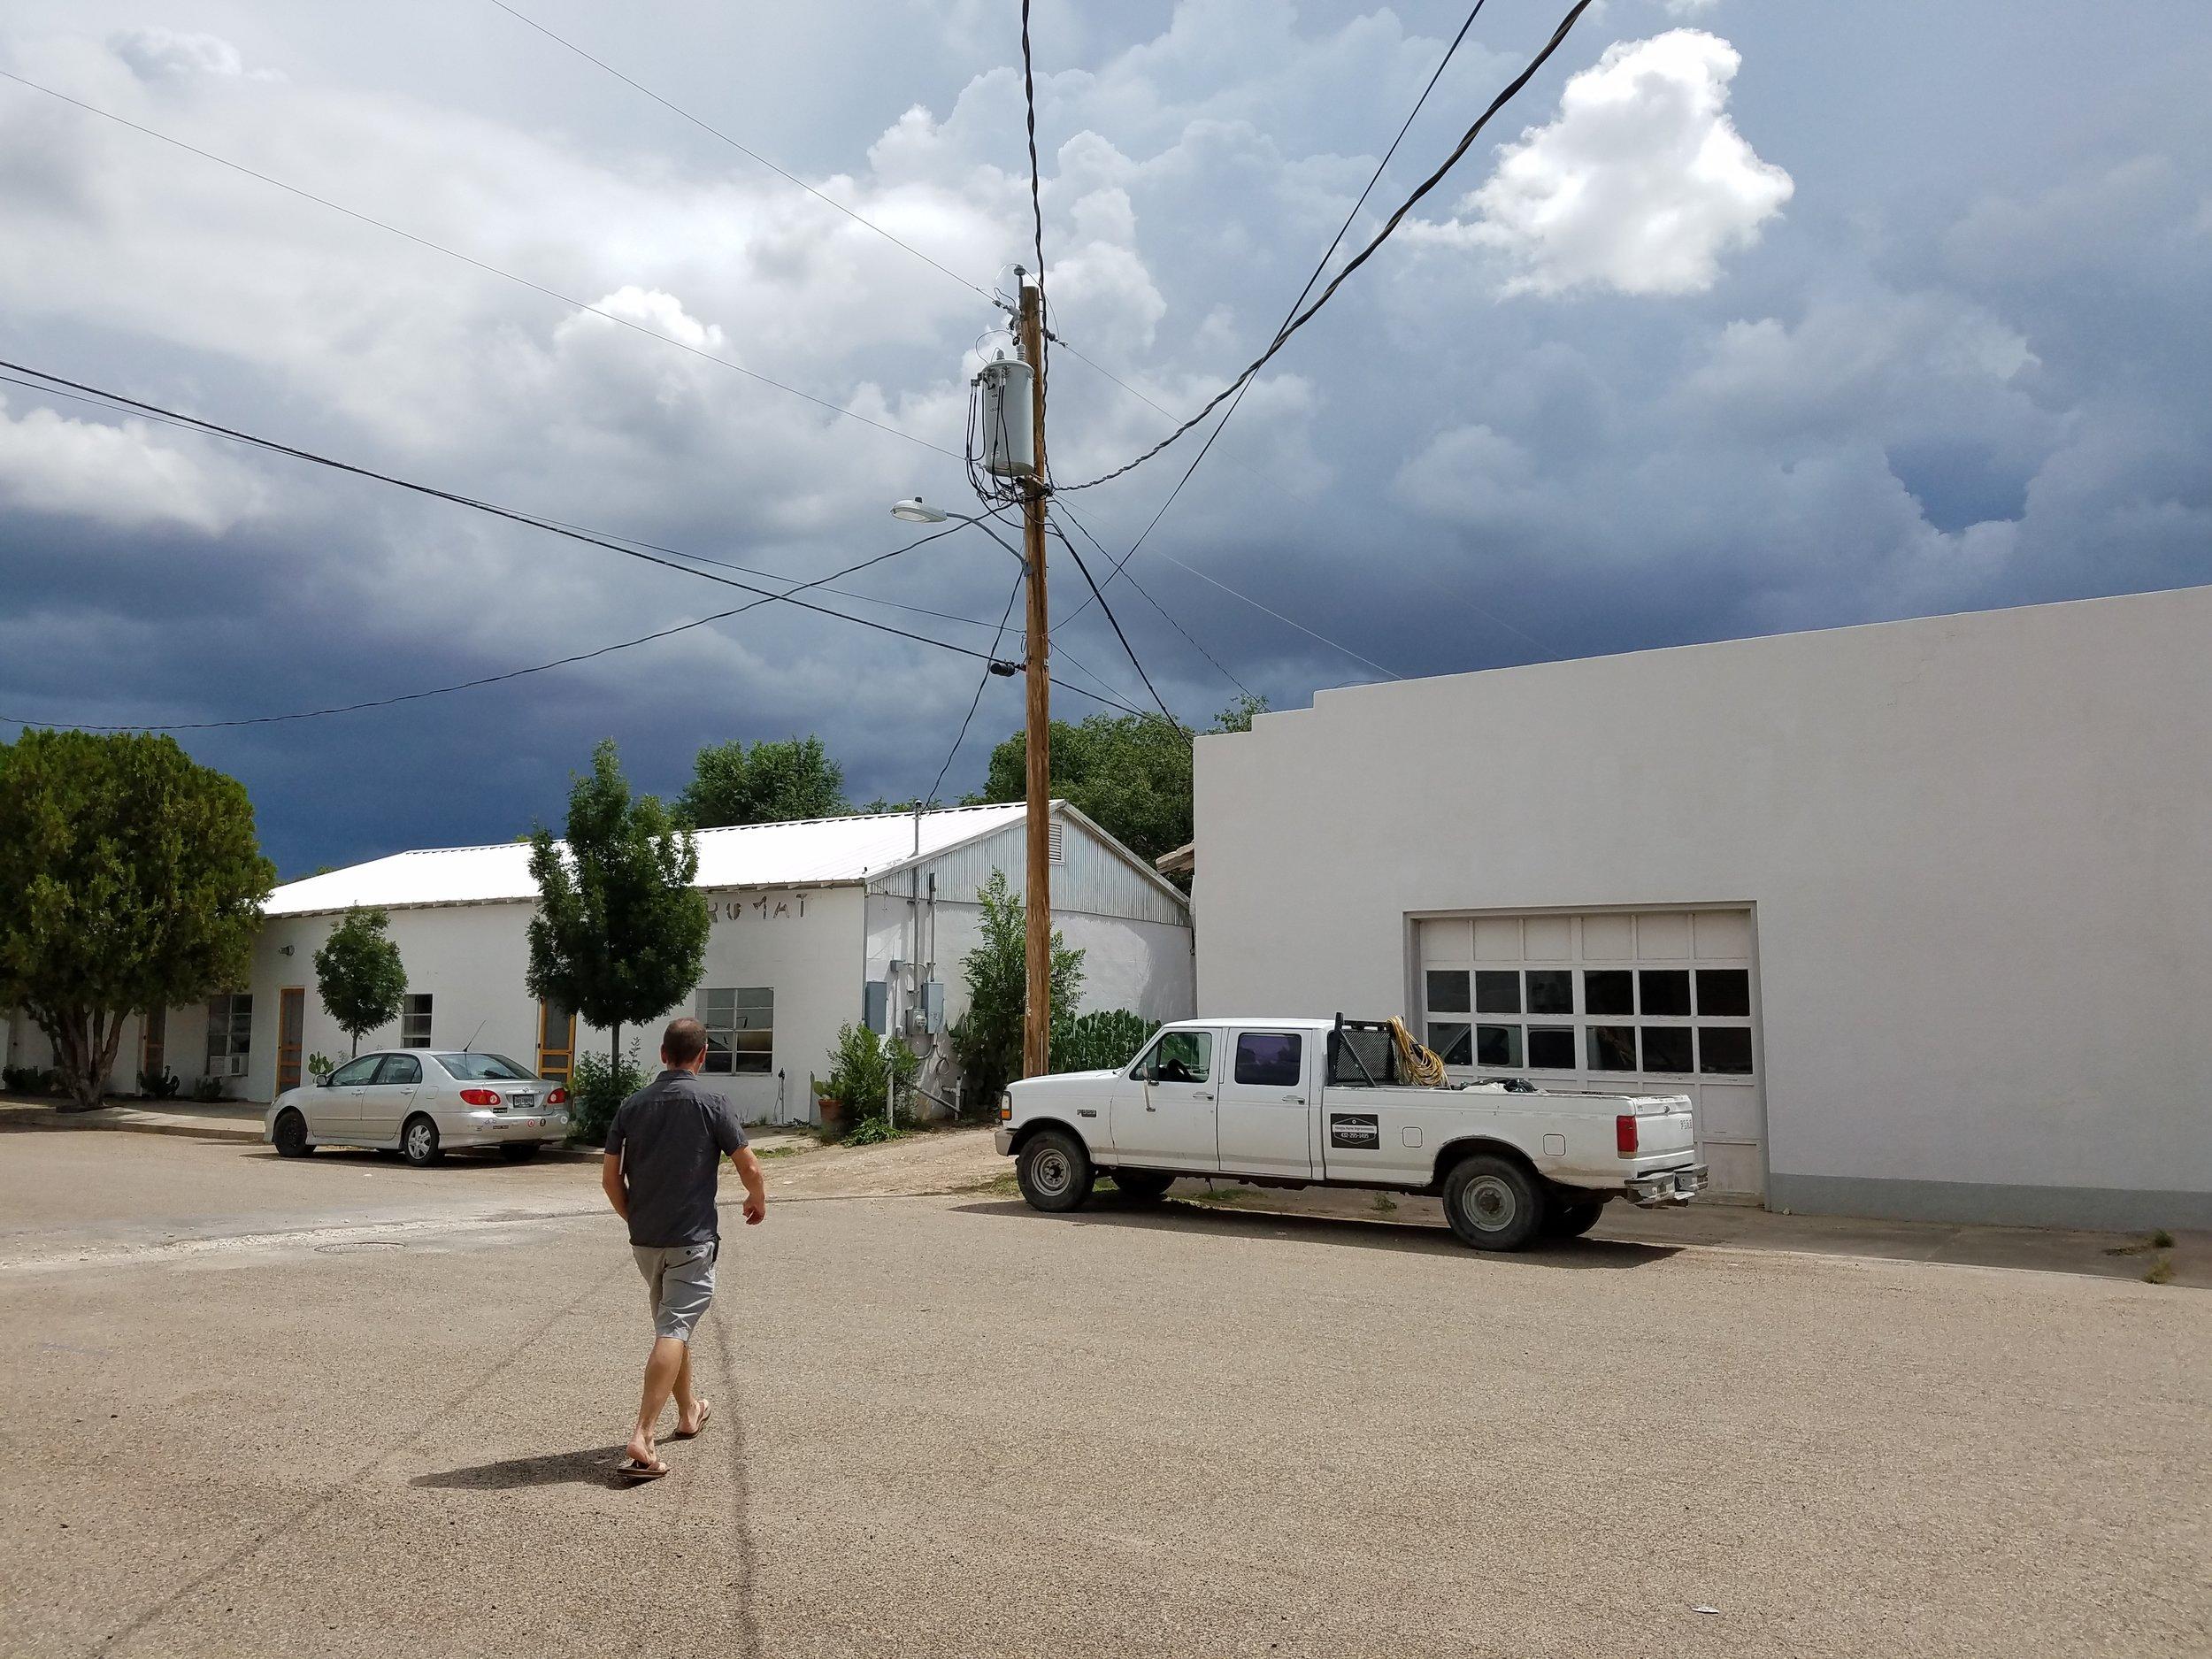 Rain clouds approaching Marfa.